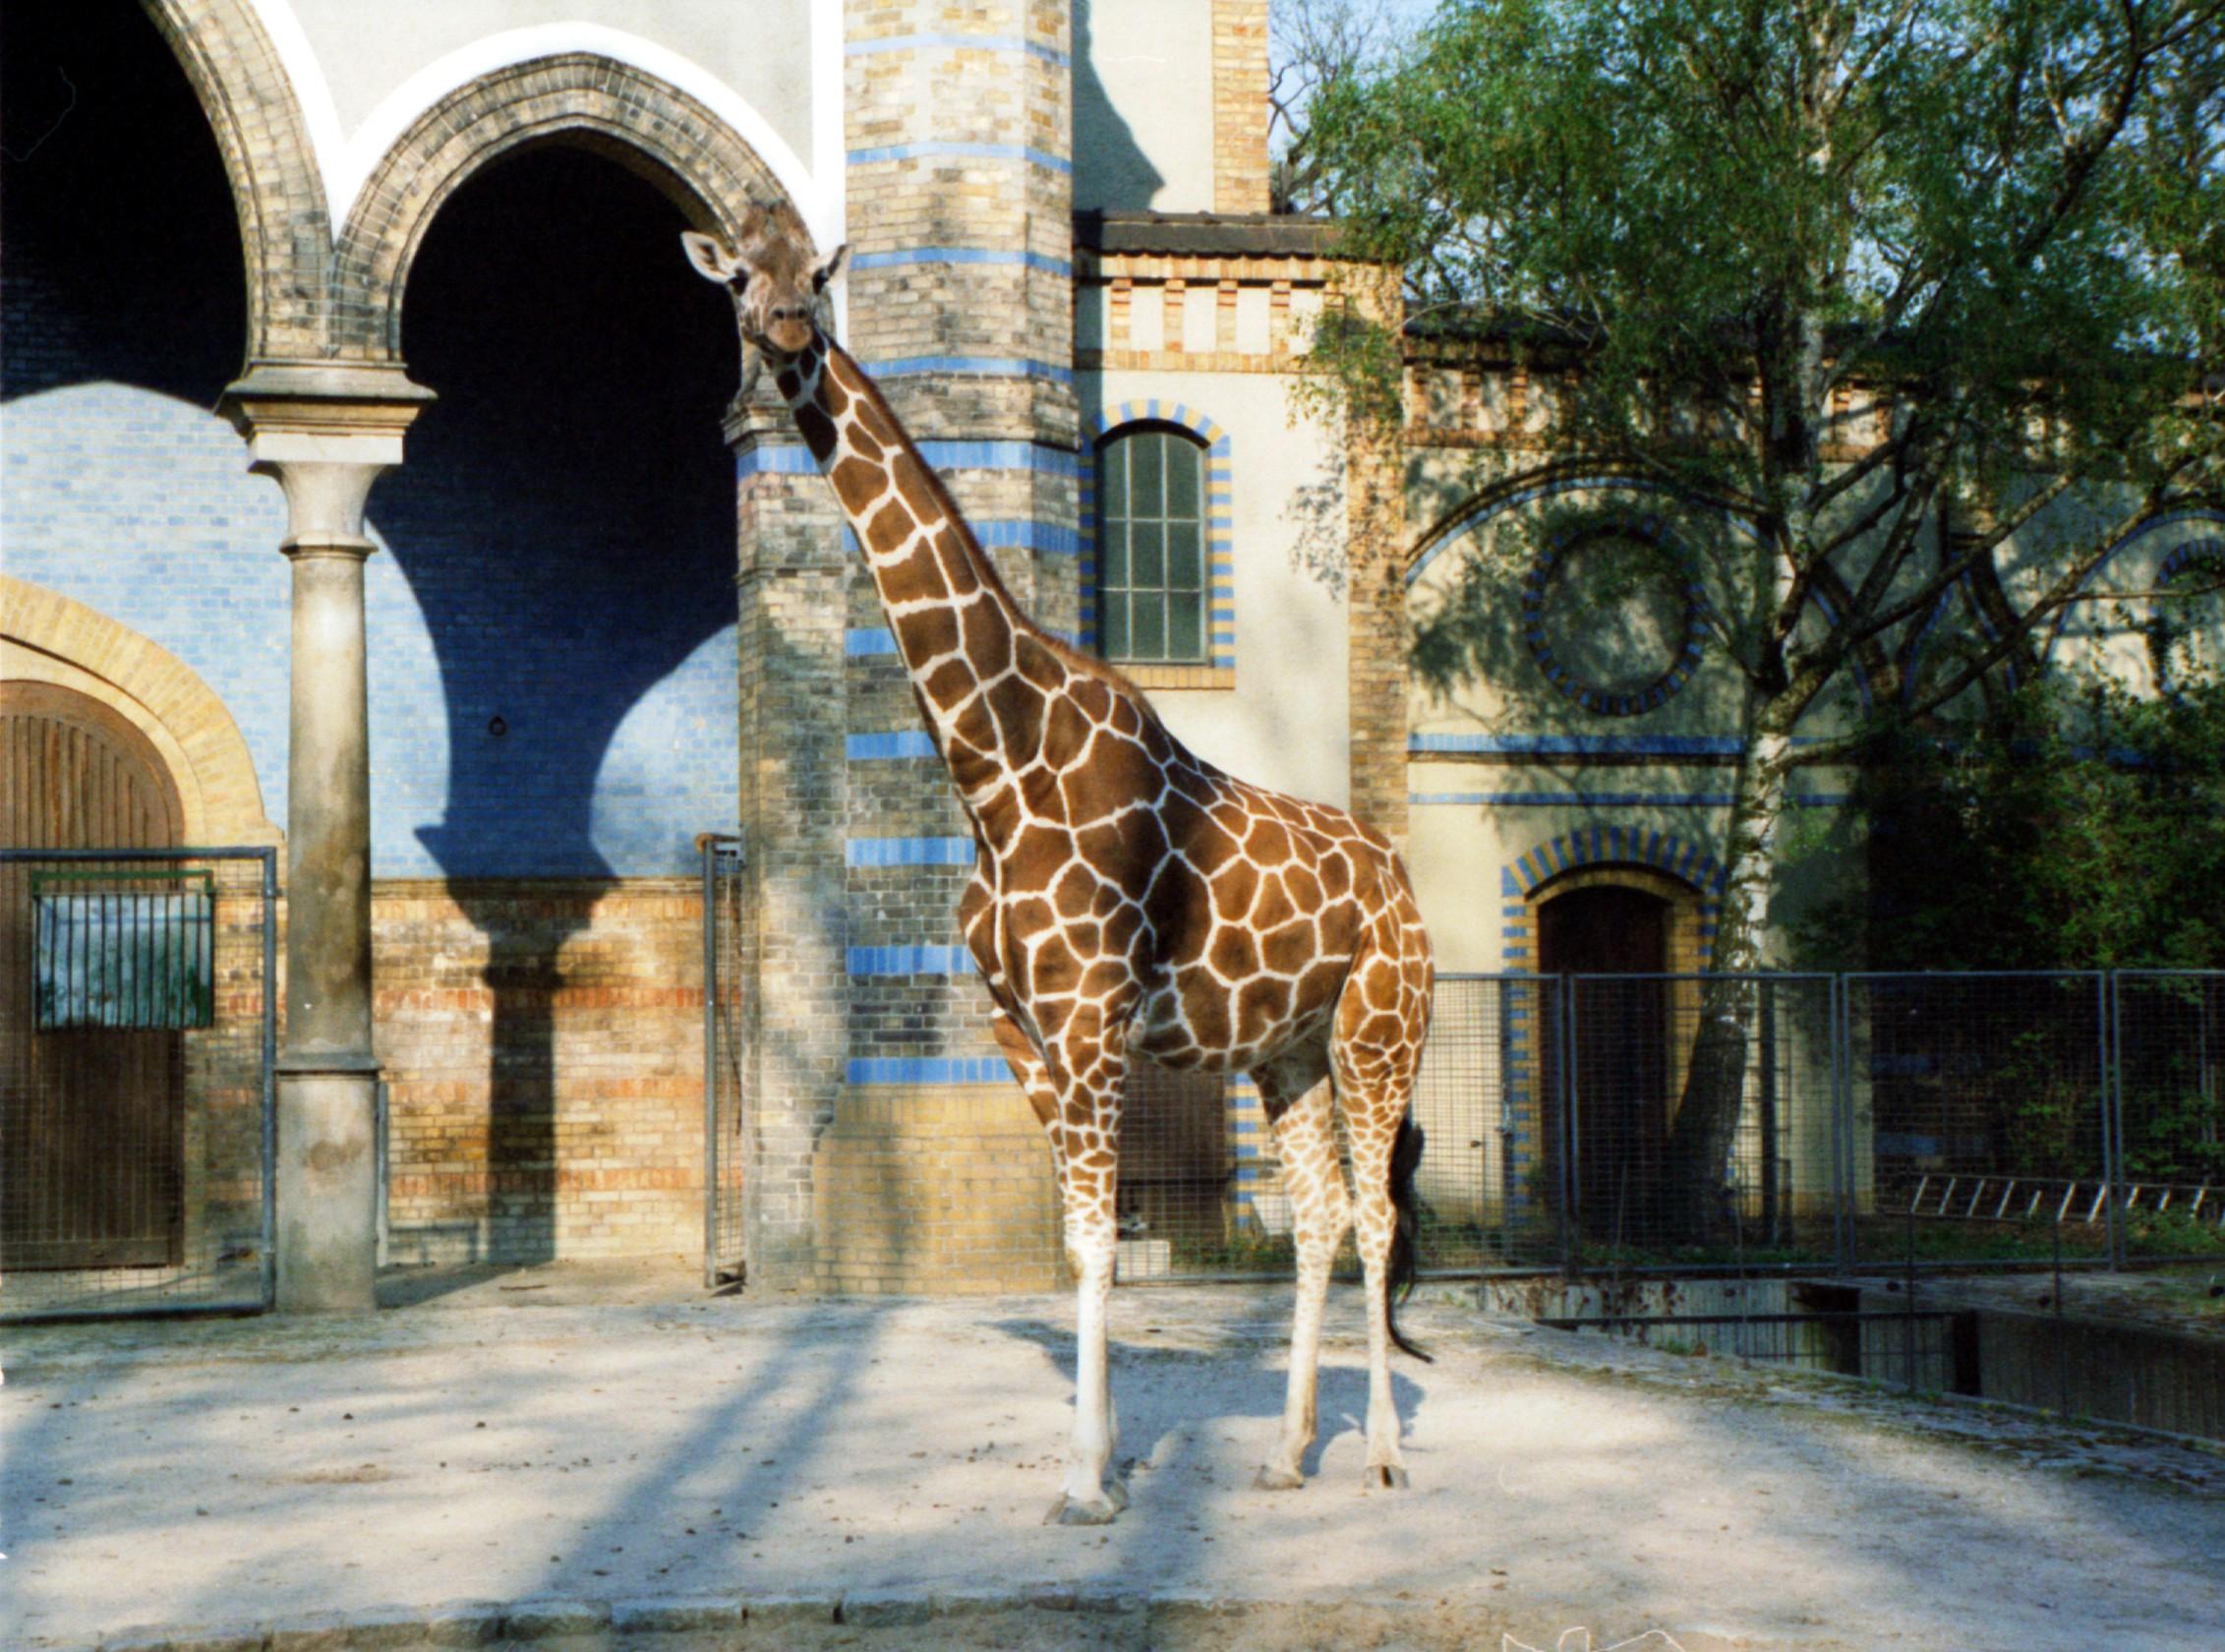 Der Zoologische Garten gilt als artenreichster Zoo der Welt